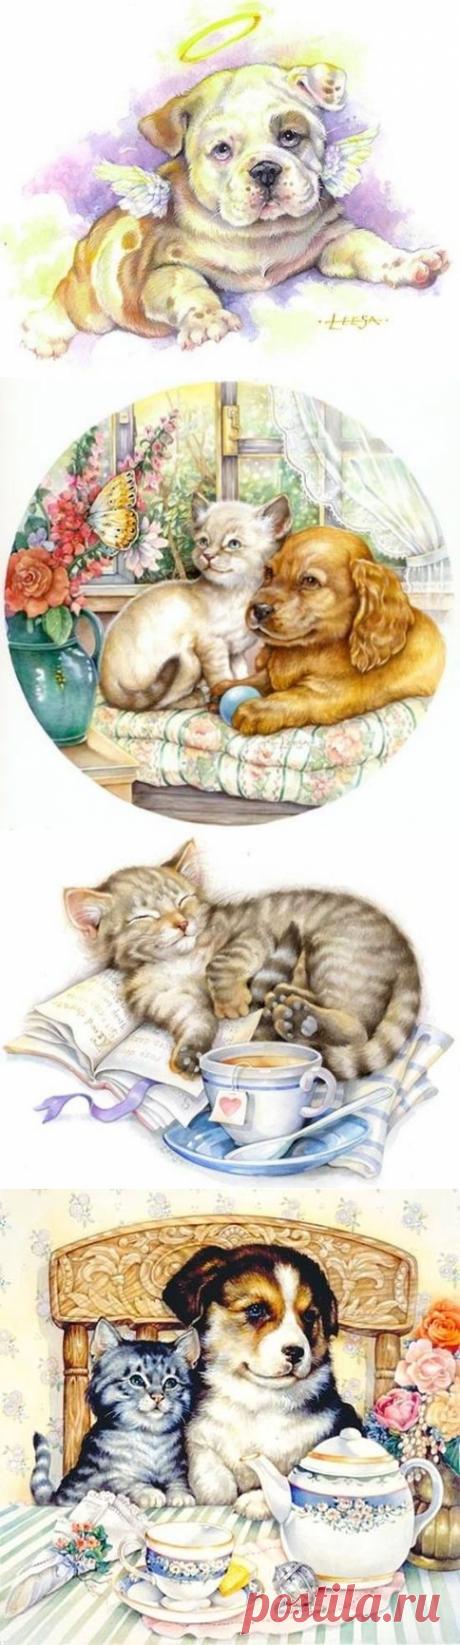 Иллюстрации Leesa Whitten. 2часть.